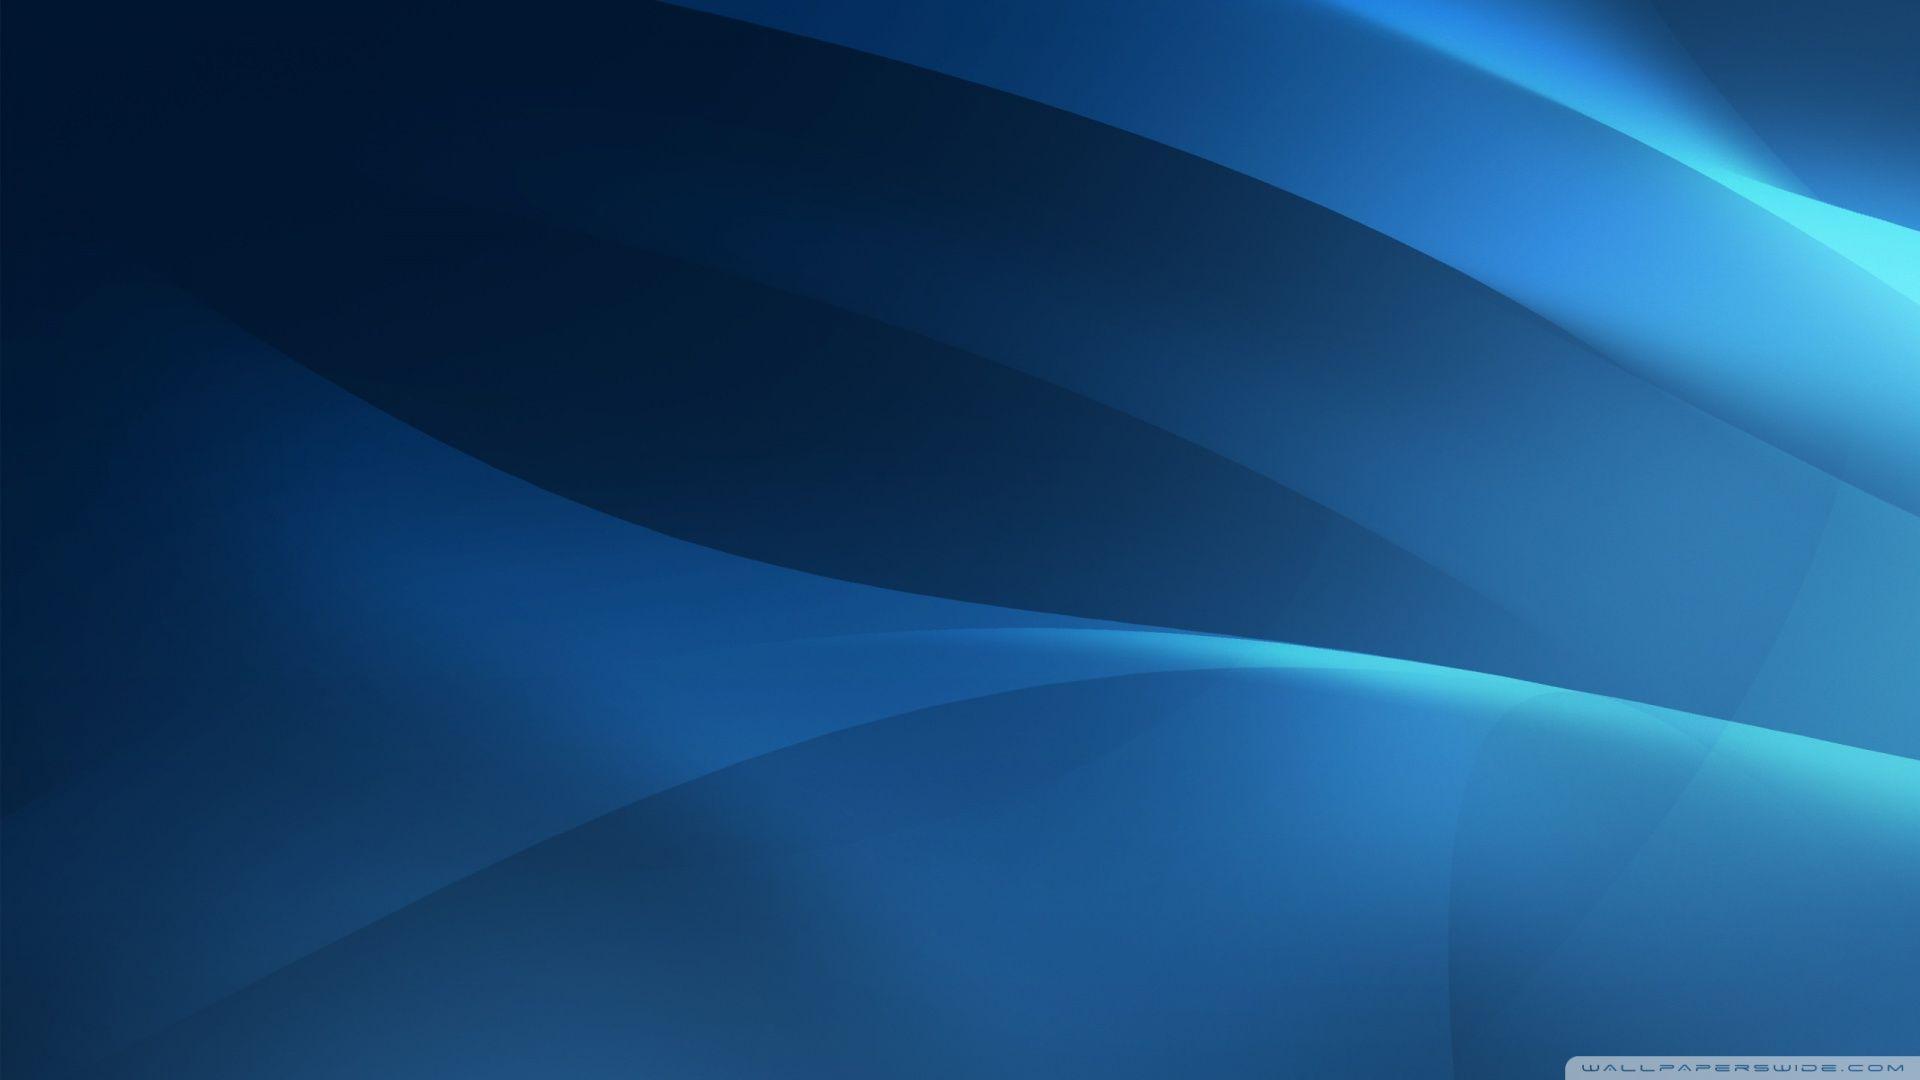 Blue Hd 1920x1080 Wallpaper Abstract Wallpaper Backgrounds Blue Abstract Blue Wallpapers